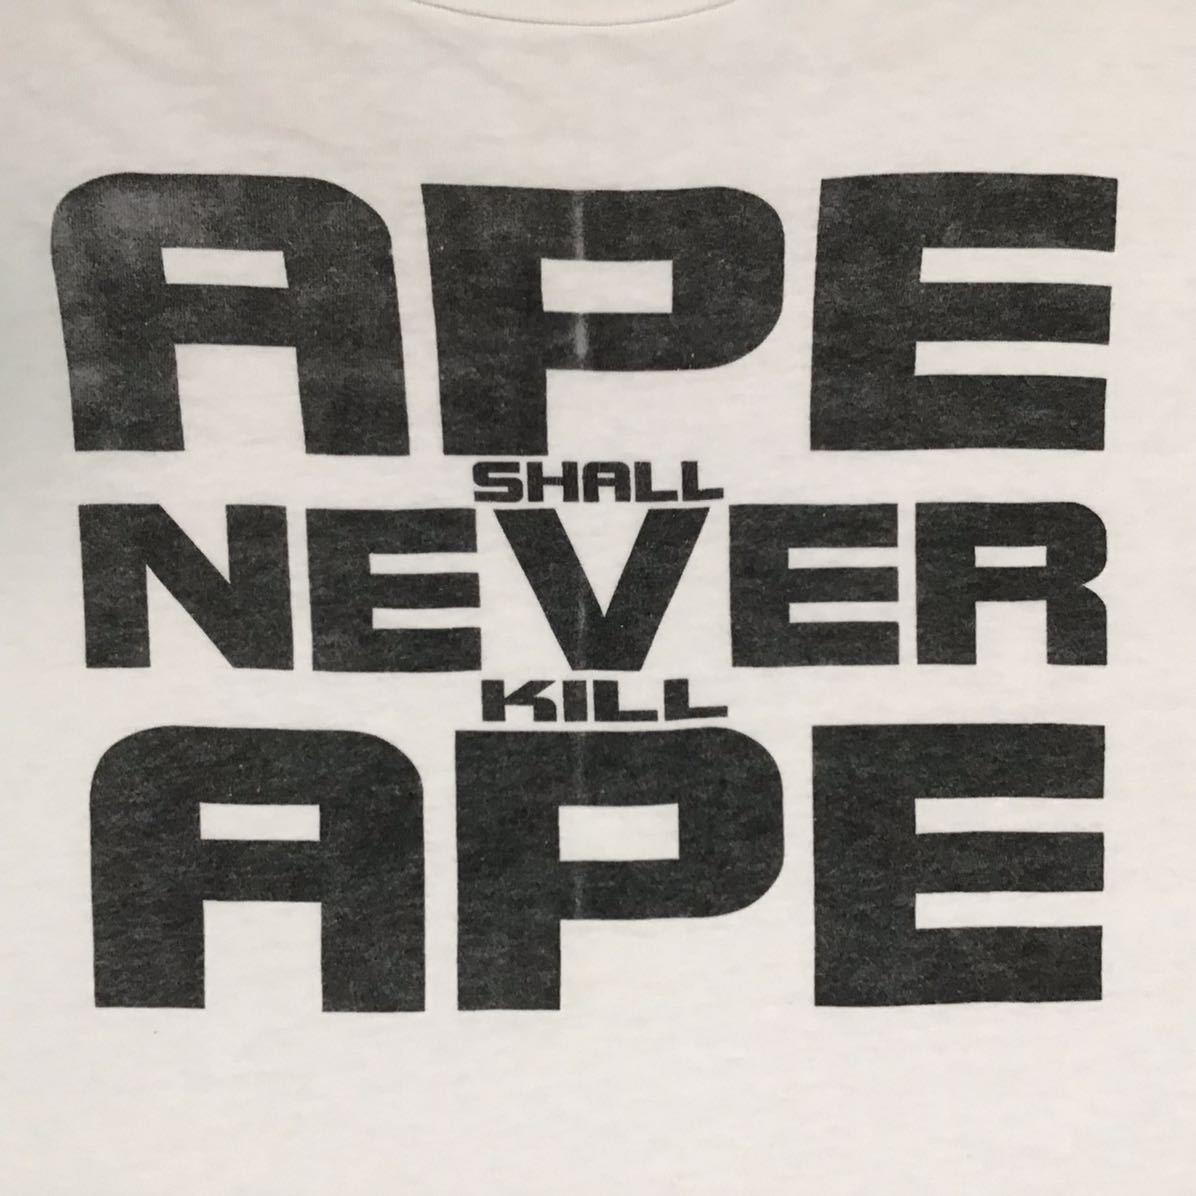 ★激レア★ 初期 oneita ボディ ASNKA Tシャツ Lサイズ a bathing ape bape 90s ビンテージ 裏原宿 エイプ ベイプ nigo k32